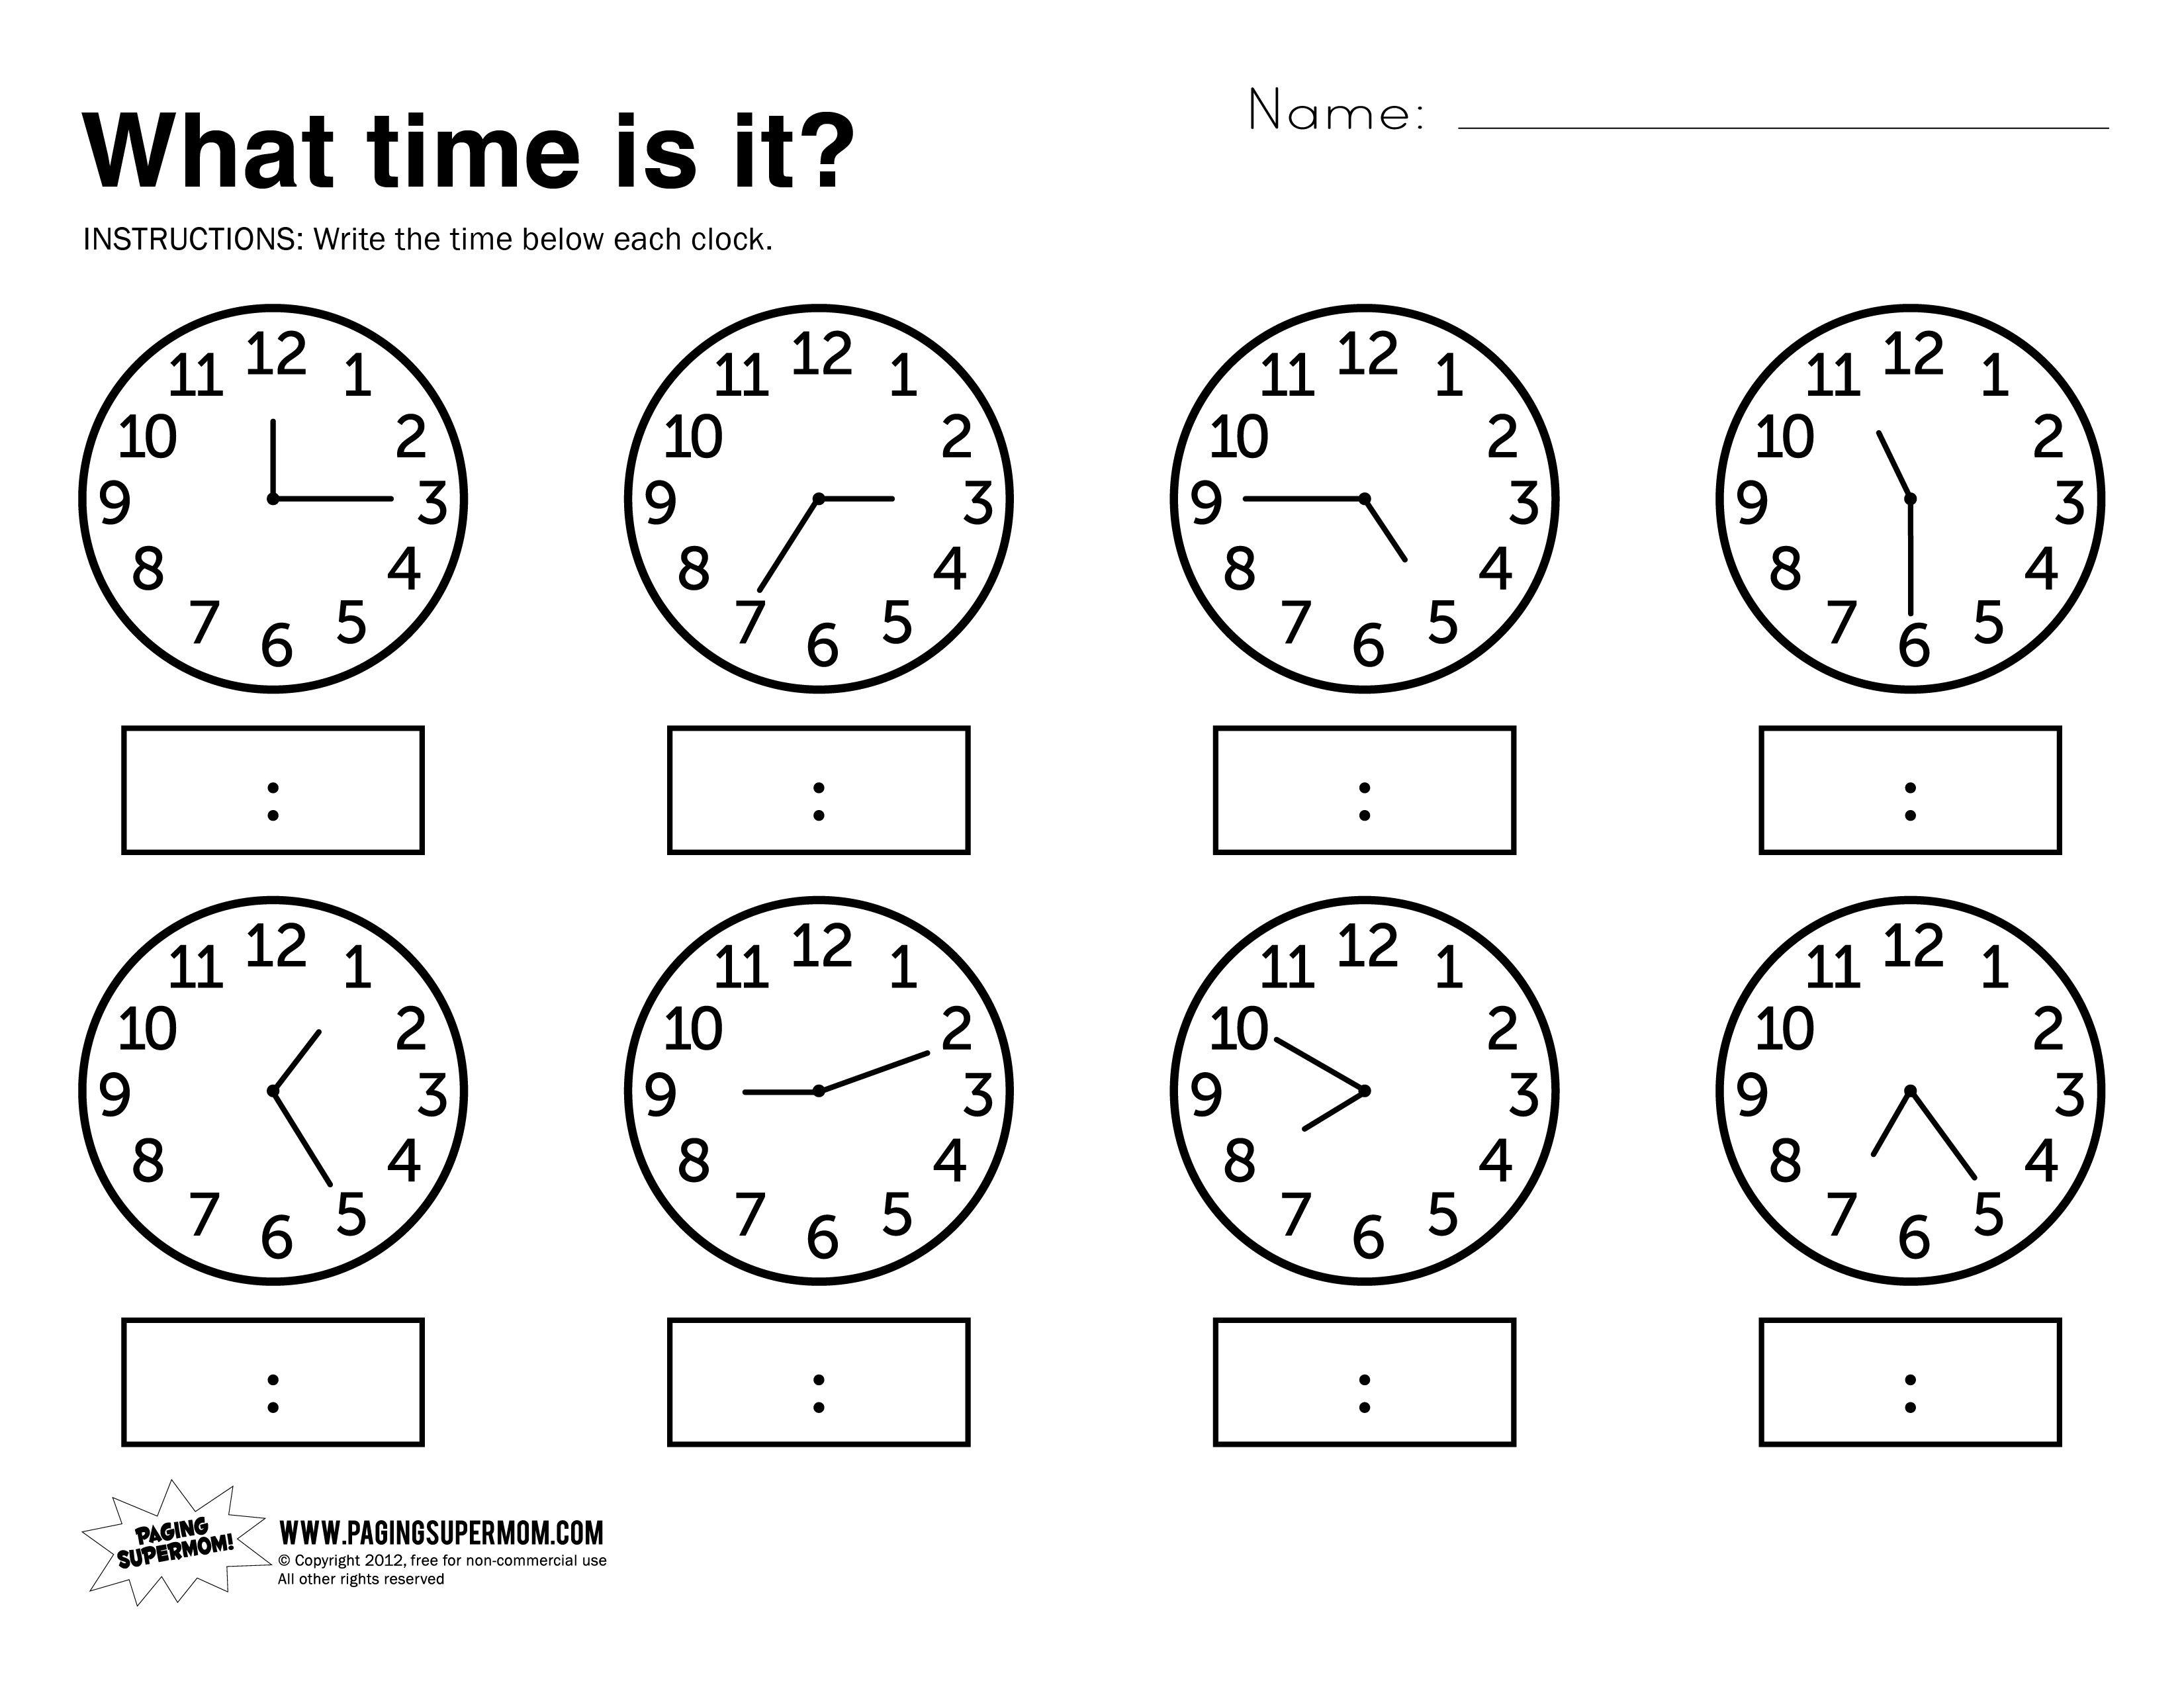 What Time Is It Printable Worksheet | Kolbie | Kindergarten - Free Printable Worksheets